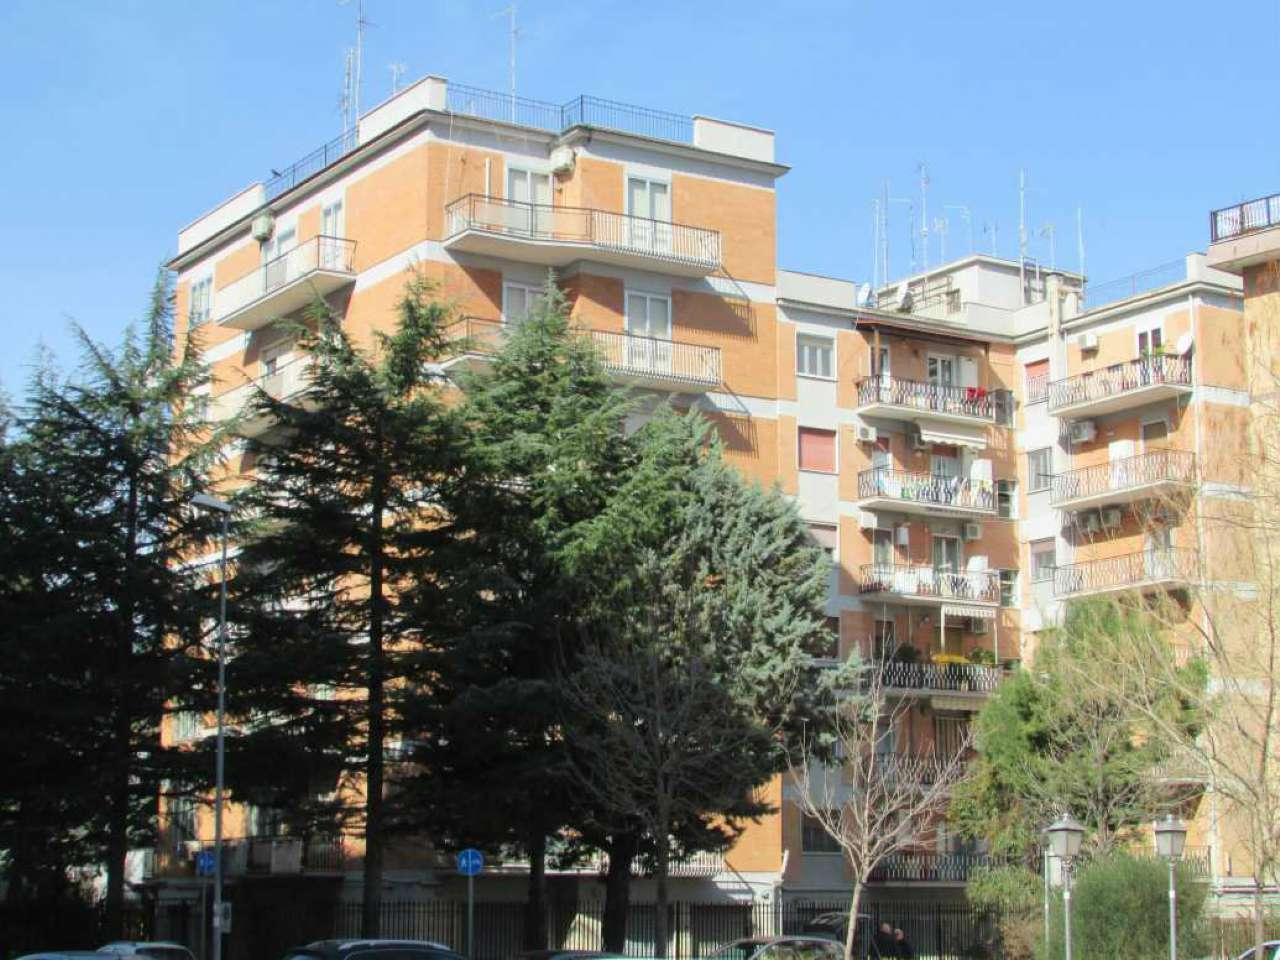 Appartamento in vendita a Foggia, 5 locali, prezzo € 139.000 | Cambio Casa.it